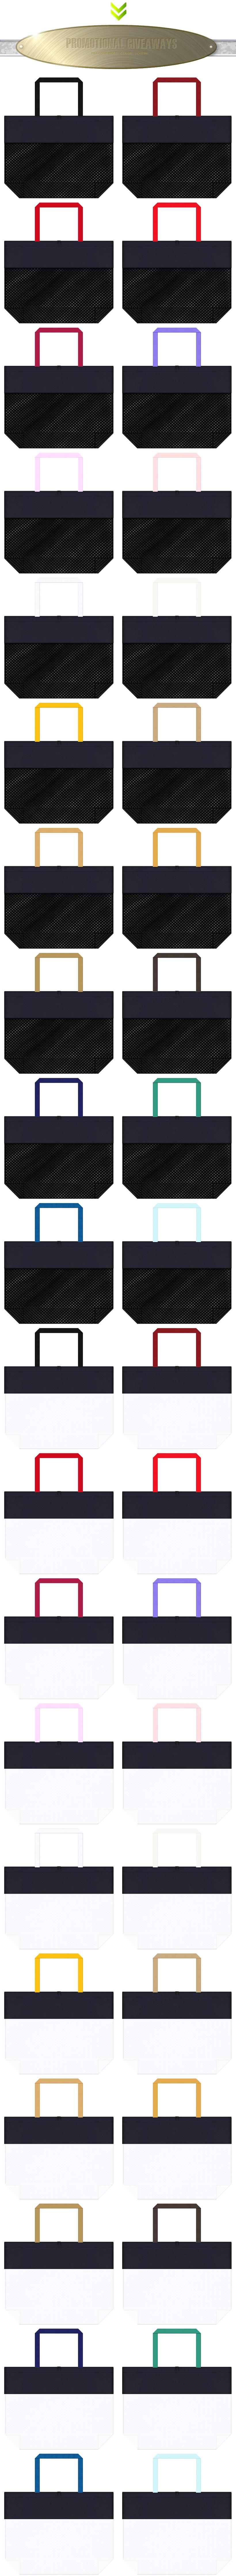 黒色メッシュ・白色メッシュと濃紺色の不織布をメインに使用した、台形型メッシュバッグのカラーシミュレーション